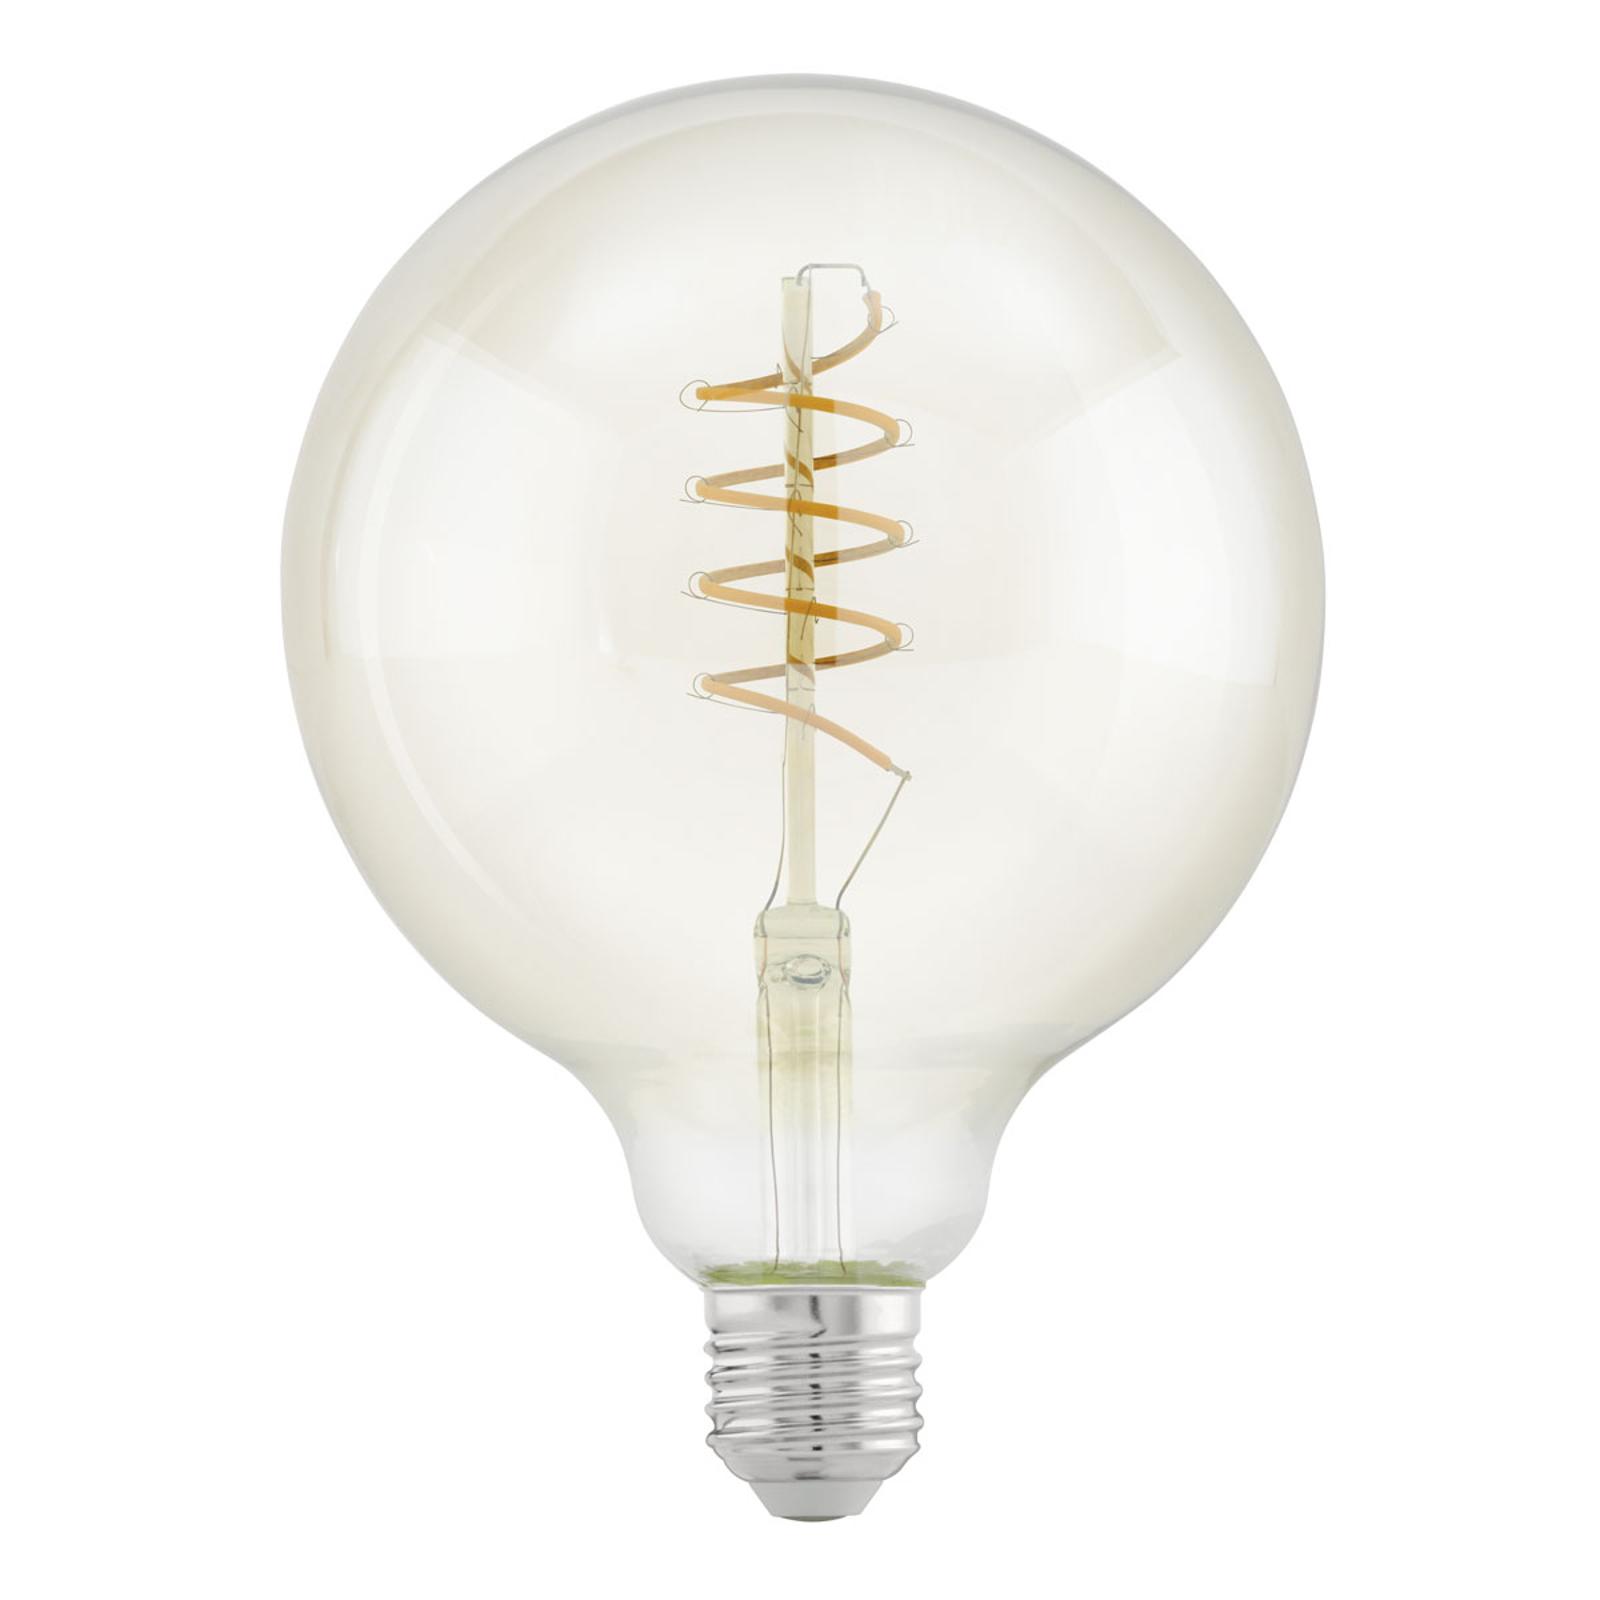 Ampoule globe LED E27 G125 4W Spiral, blanc chaud